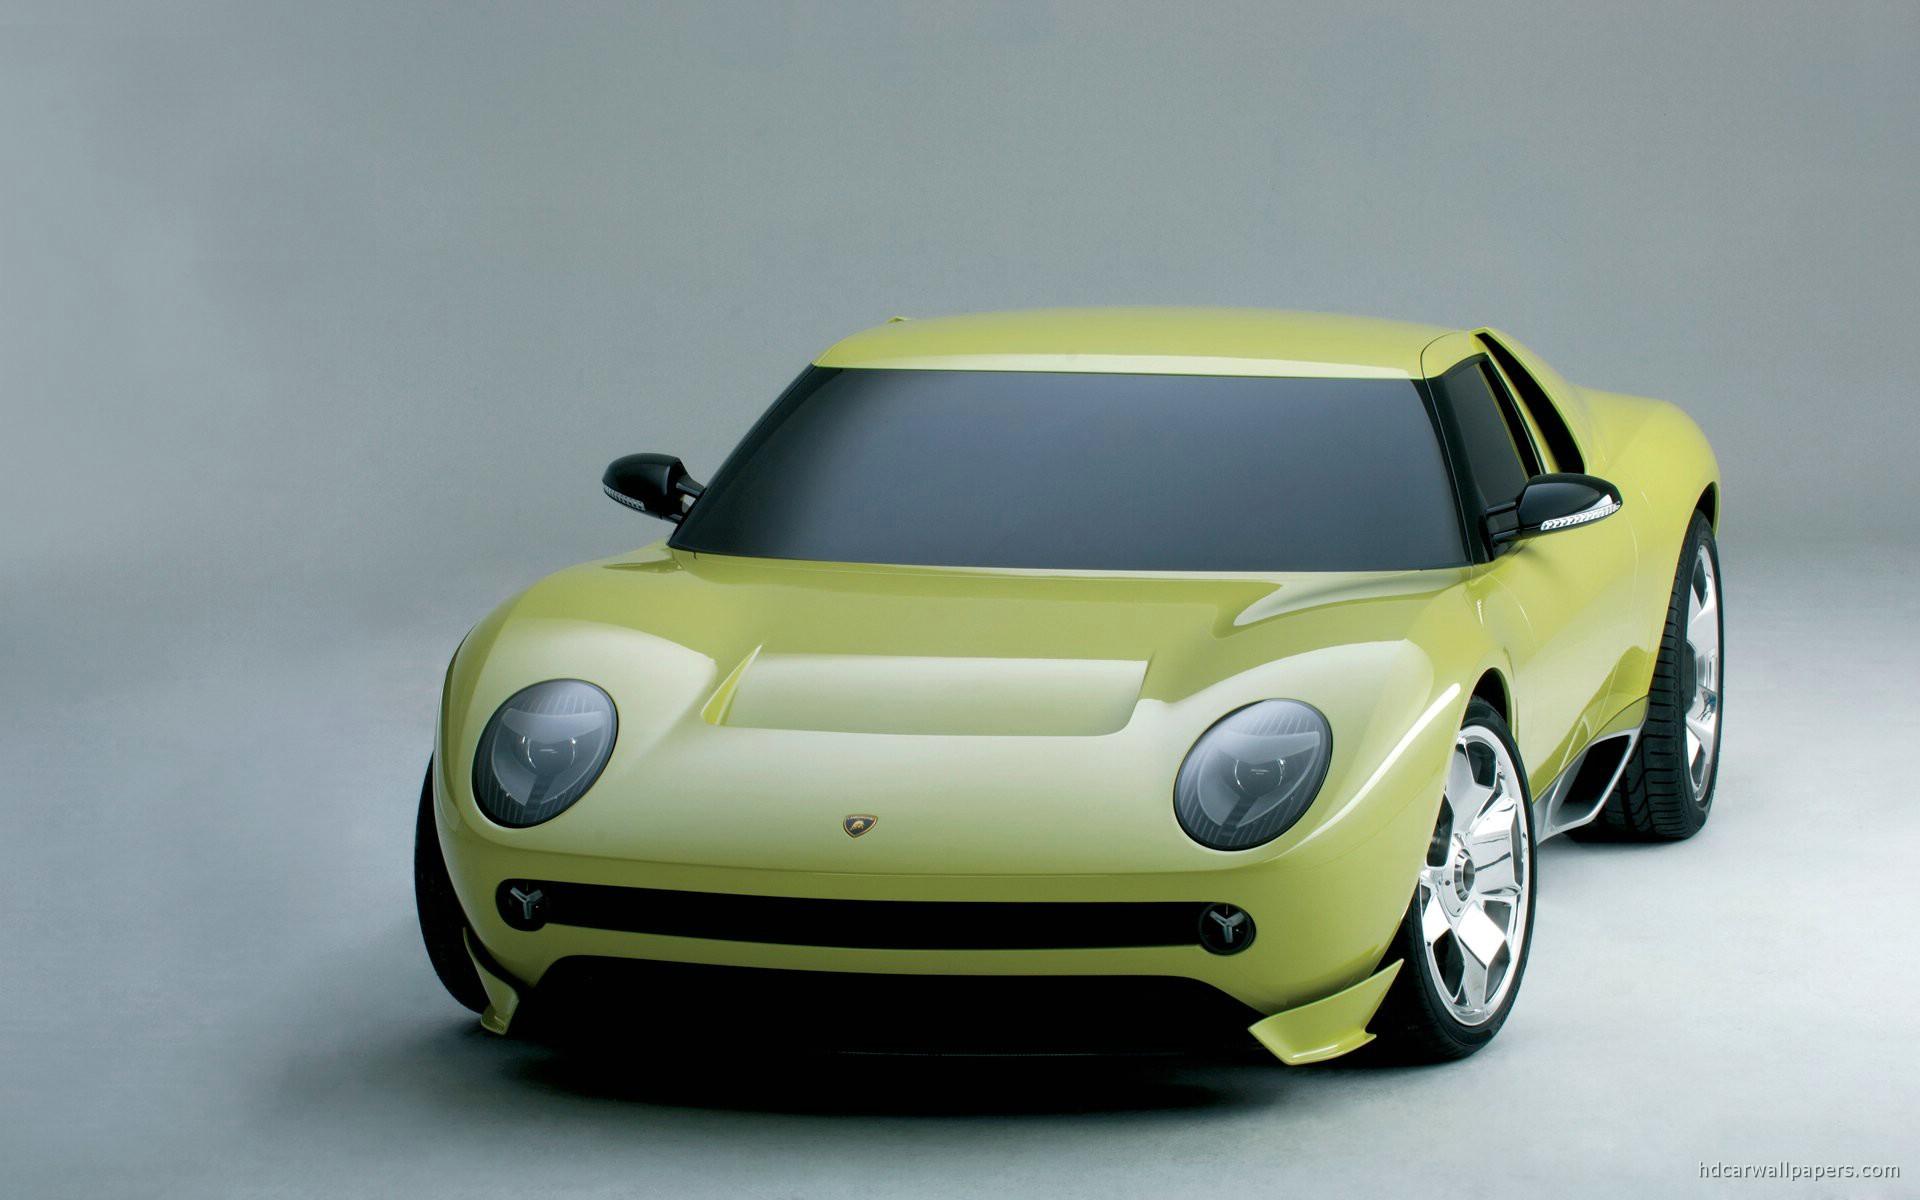 Lamborghini Miura Concept Wallpaper Hd Car Wallpapers Id 927